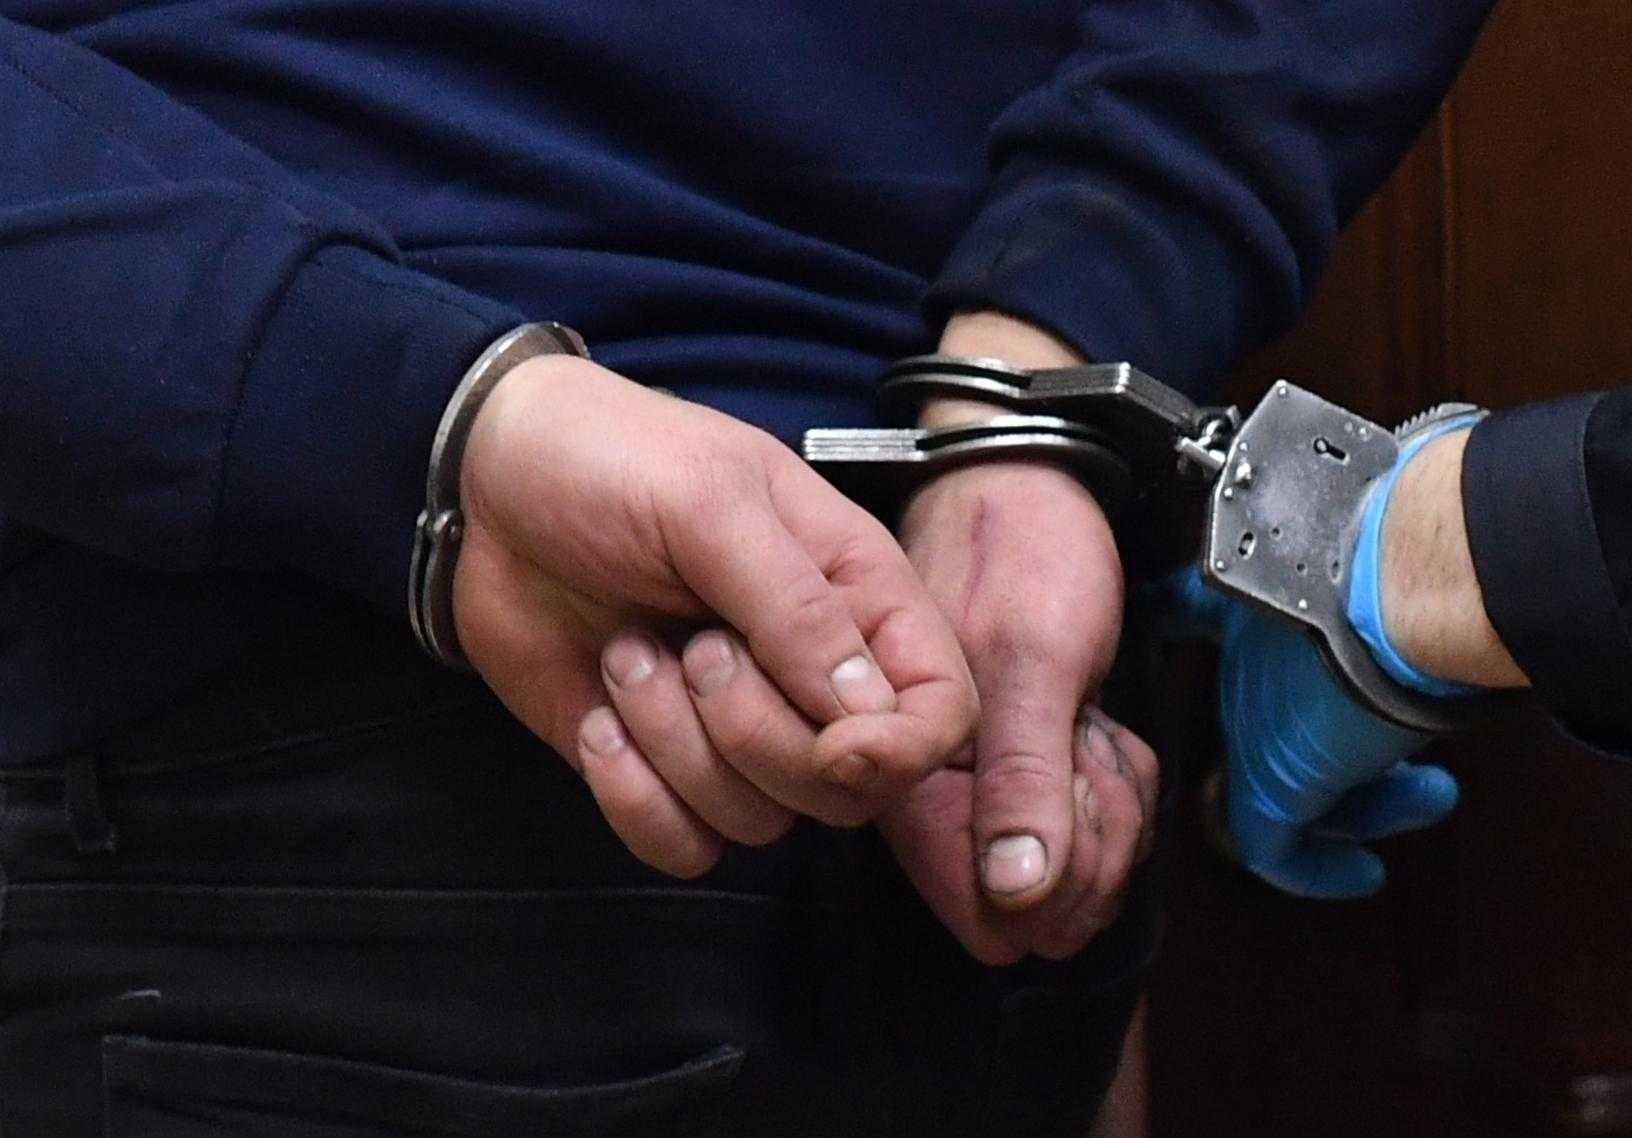 В Дагестане задержали шесть чиновников, подозреваемых в мошенничестве